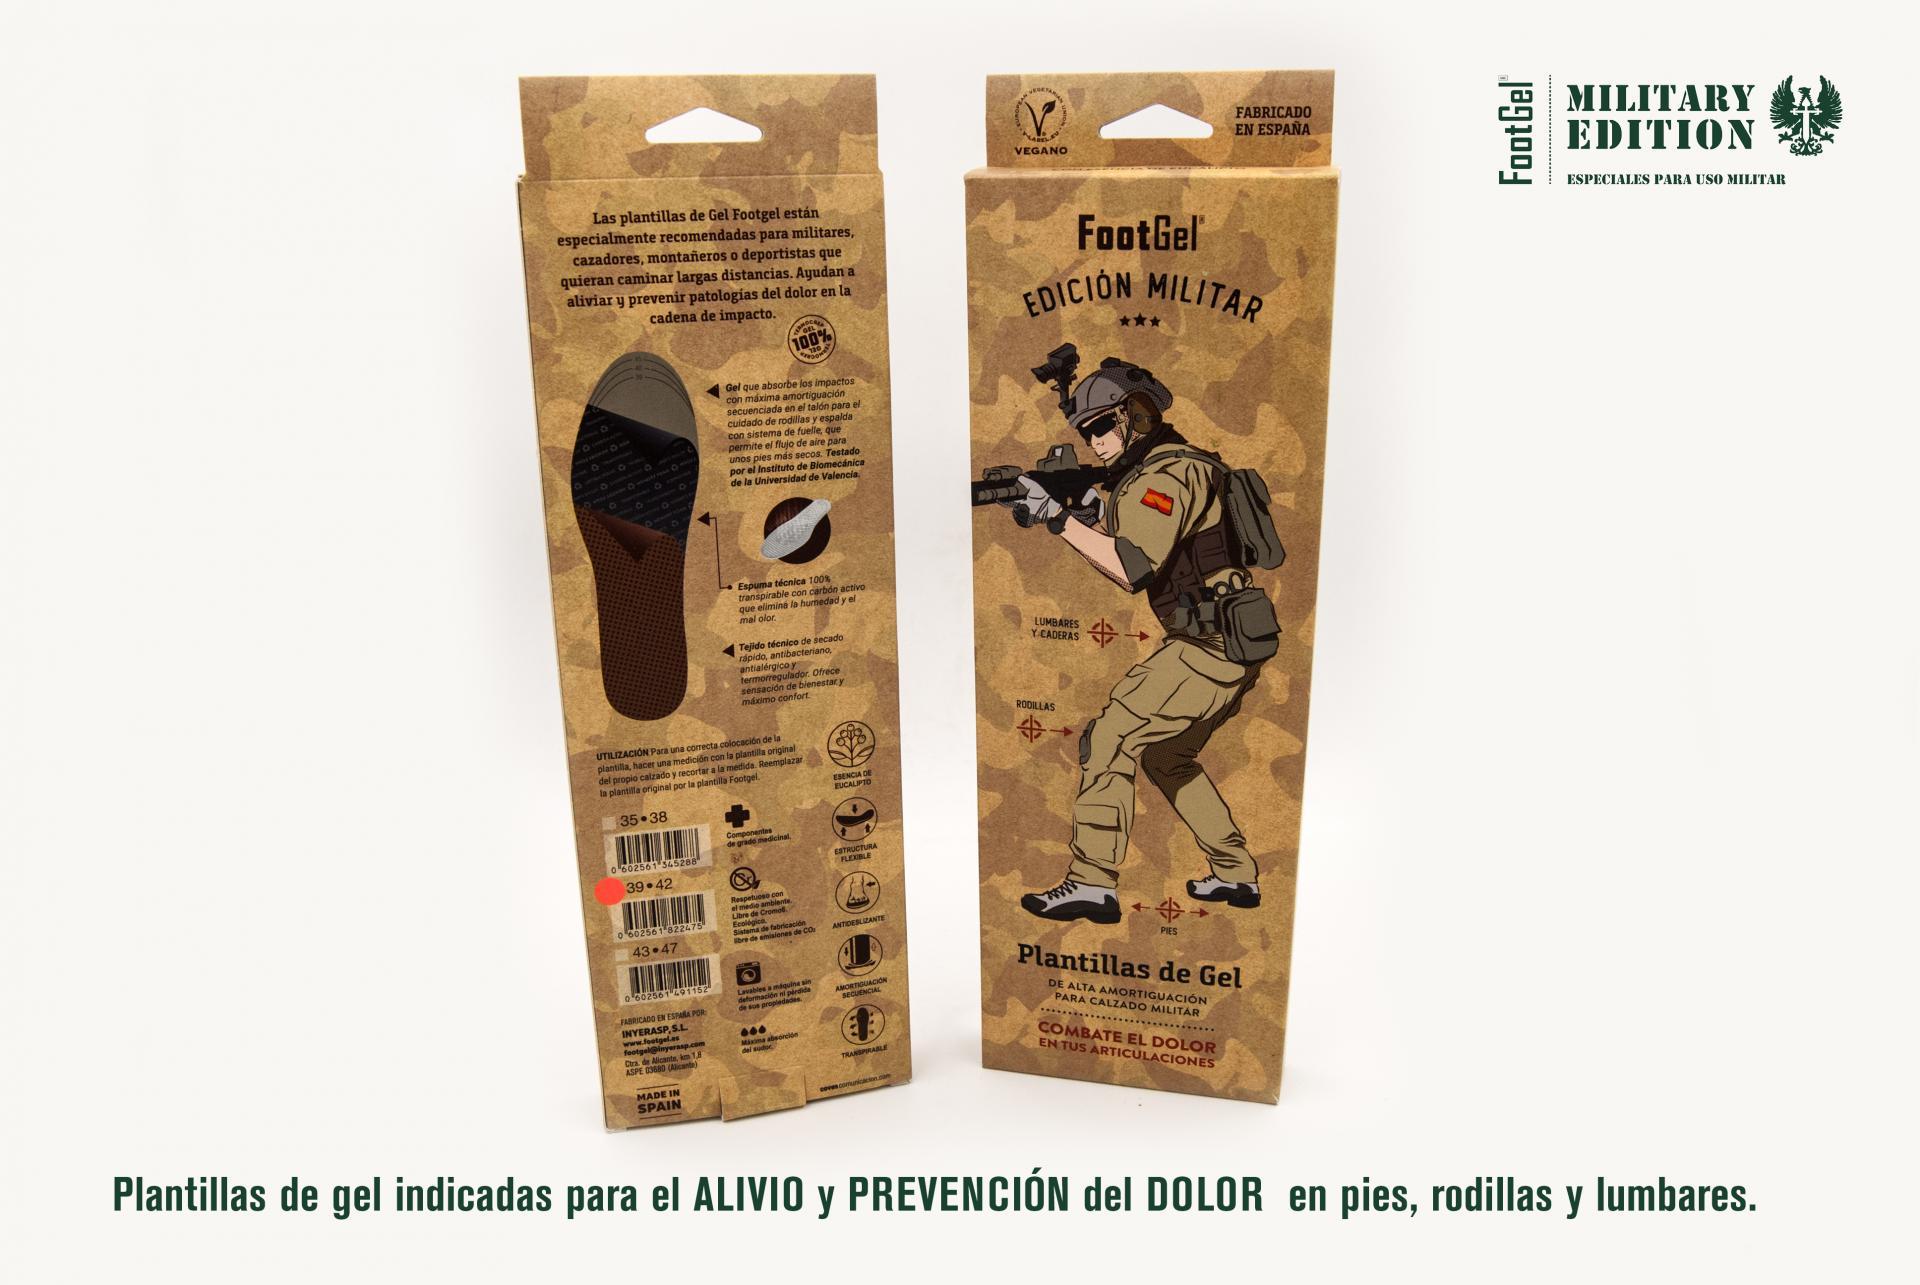 PLANTILLAS MILITARES DE GEL FOOTGEL